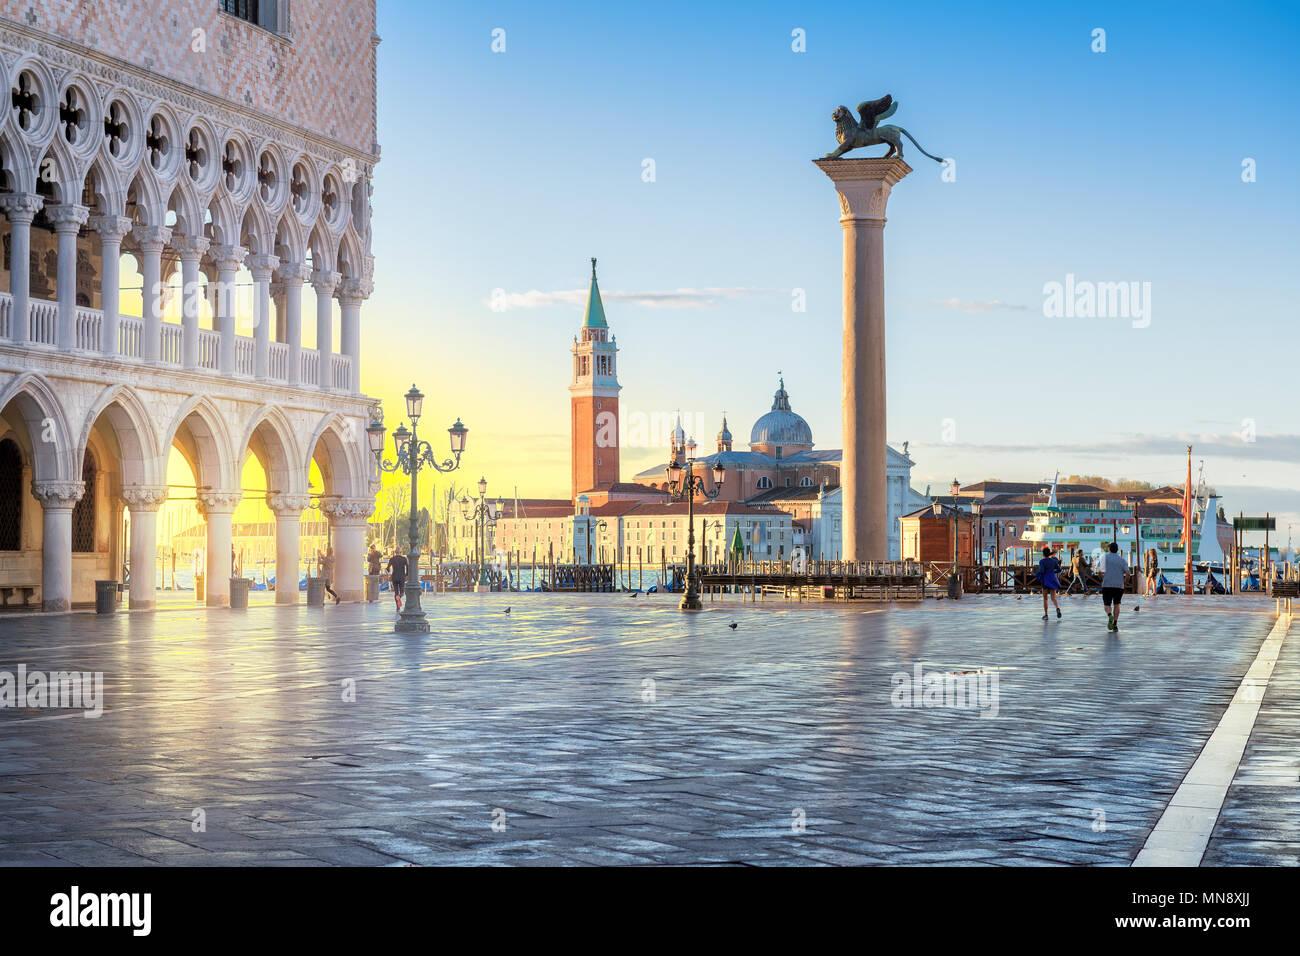 Amanecer en Venecia, San Marco, Venecia, Italia. Imagen De Stock